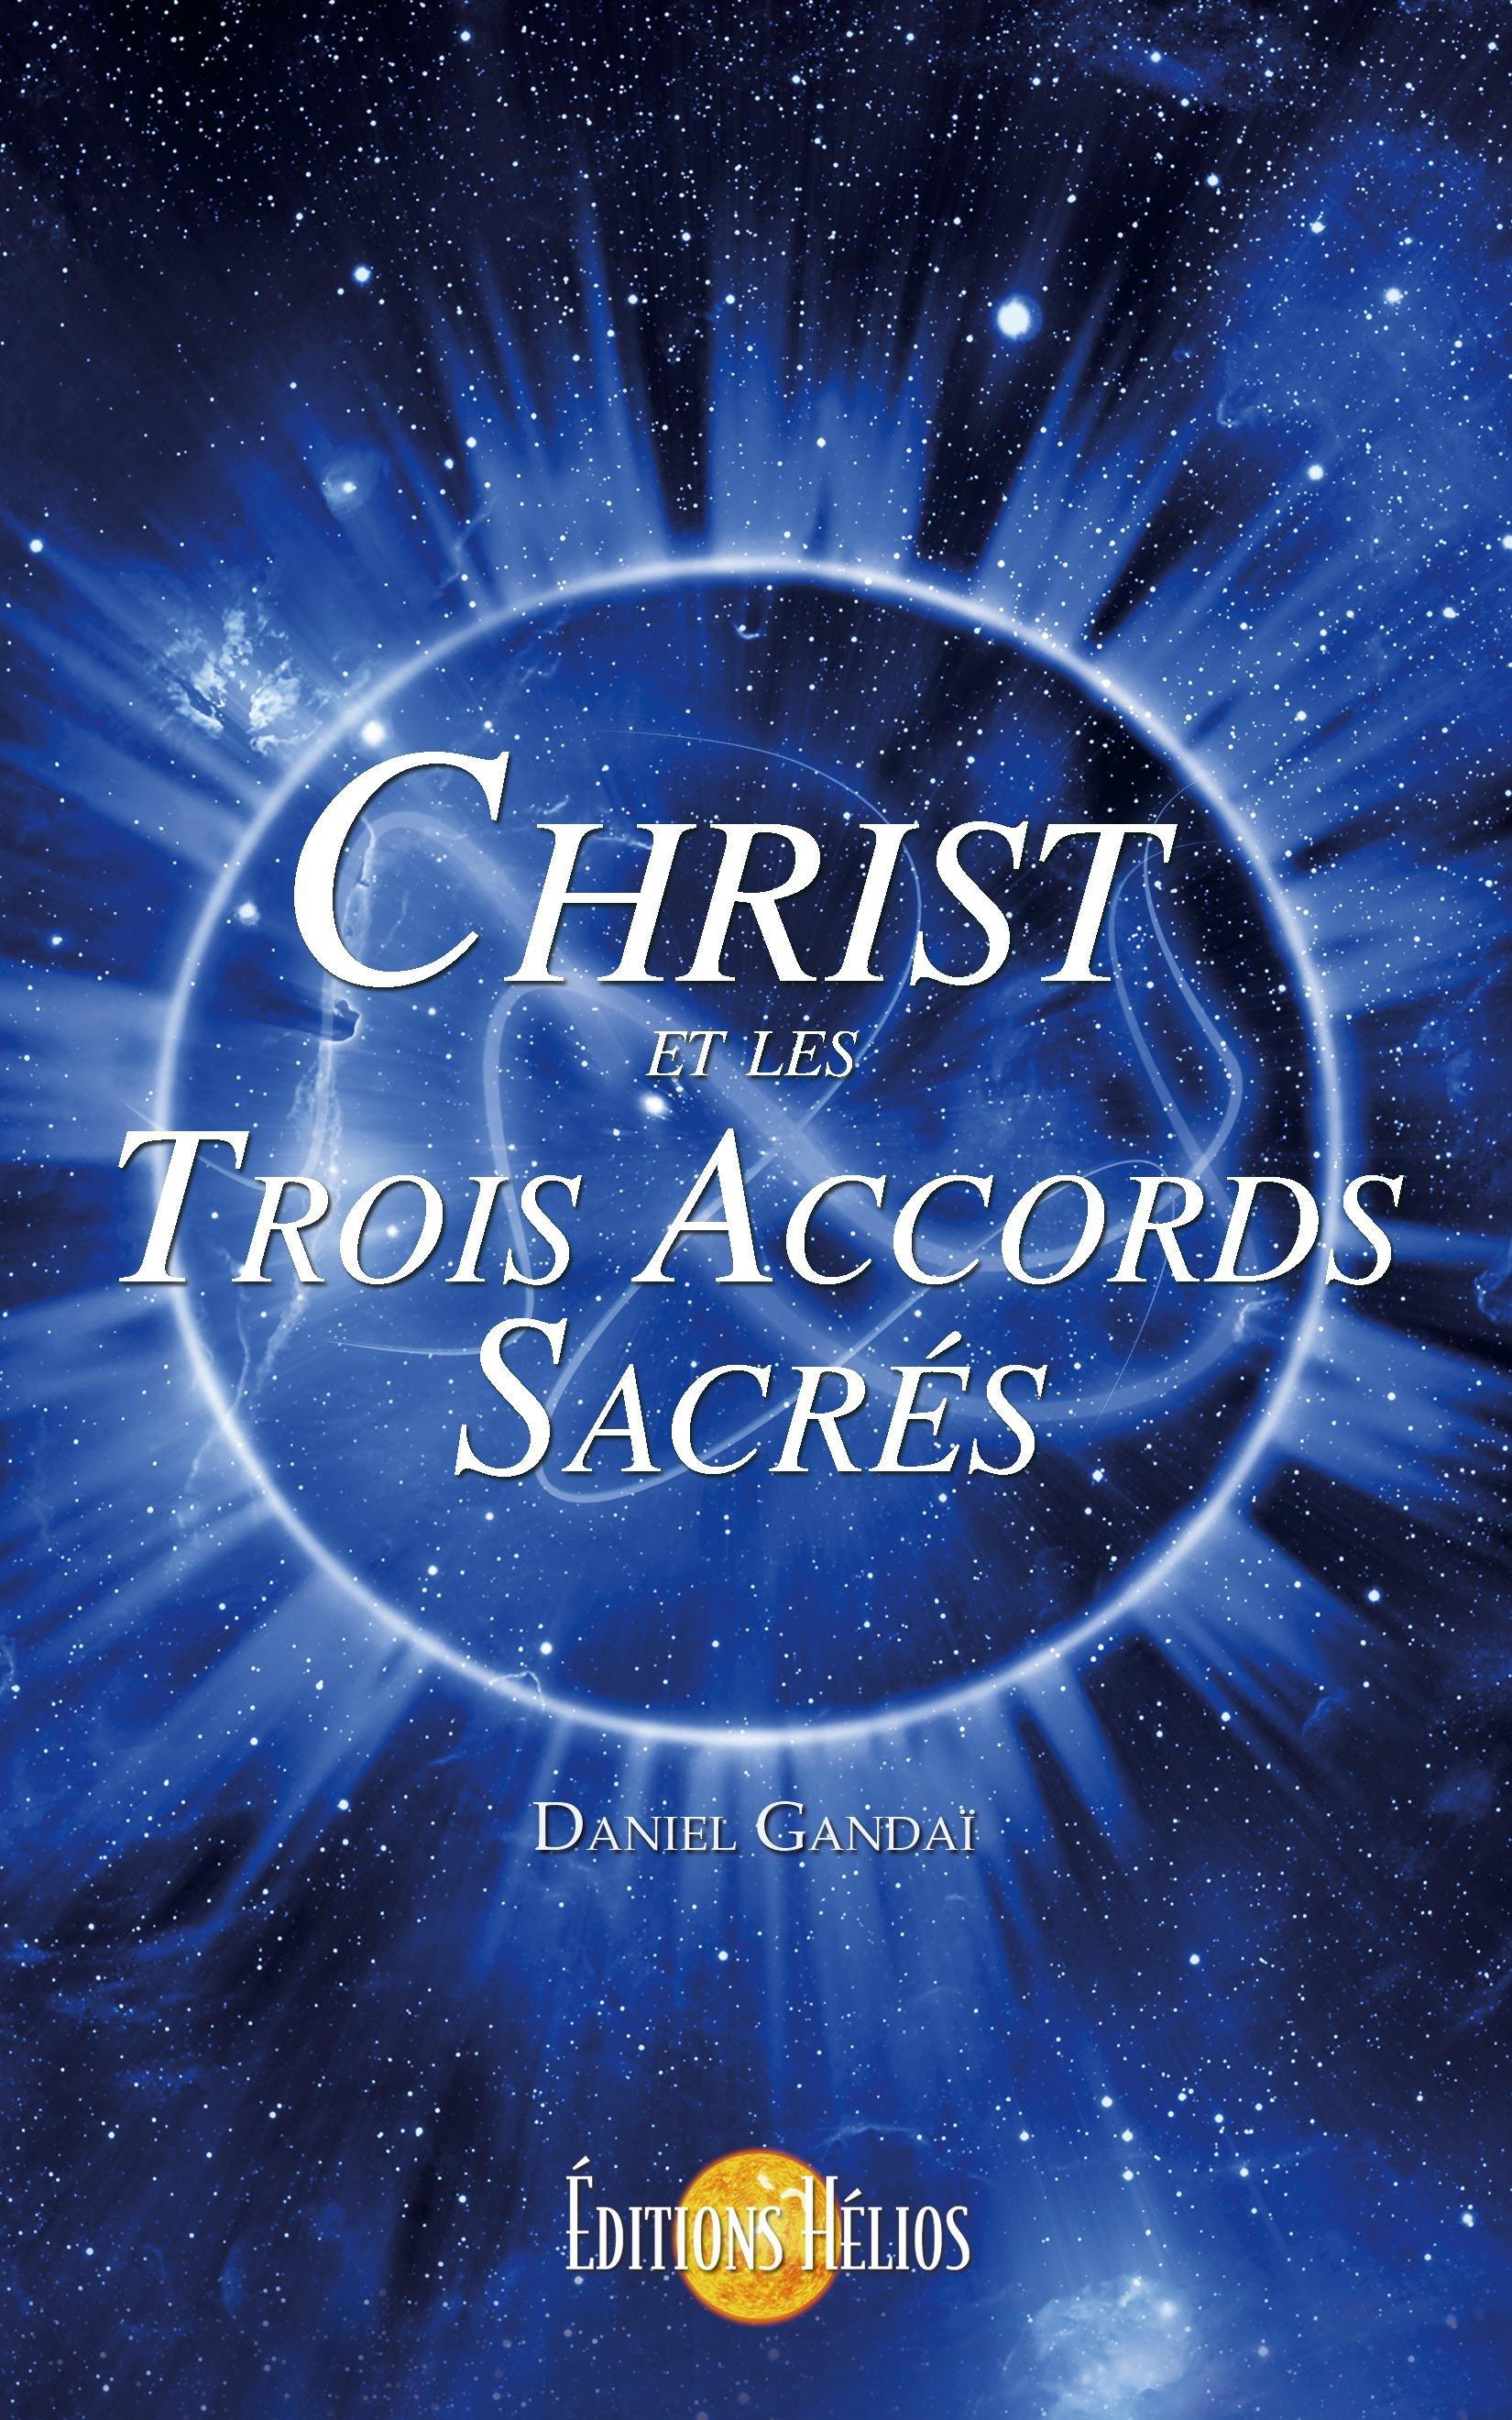 Christ et les trois accords sacrés